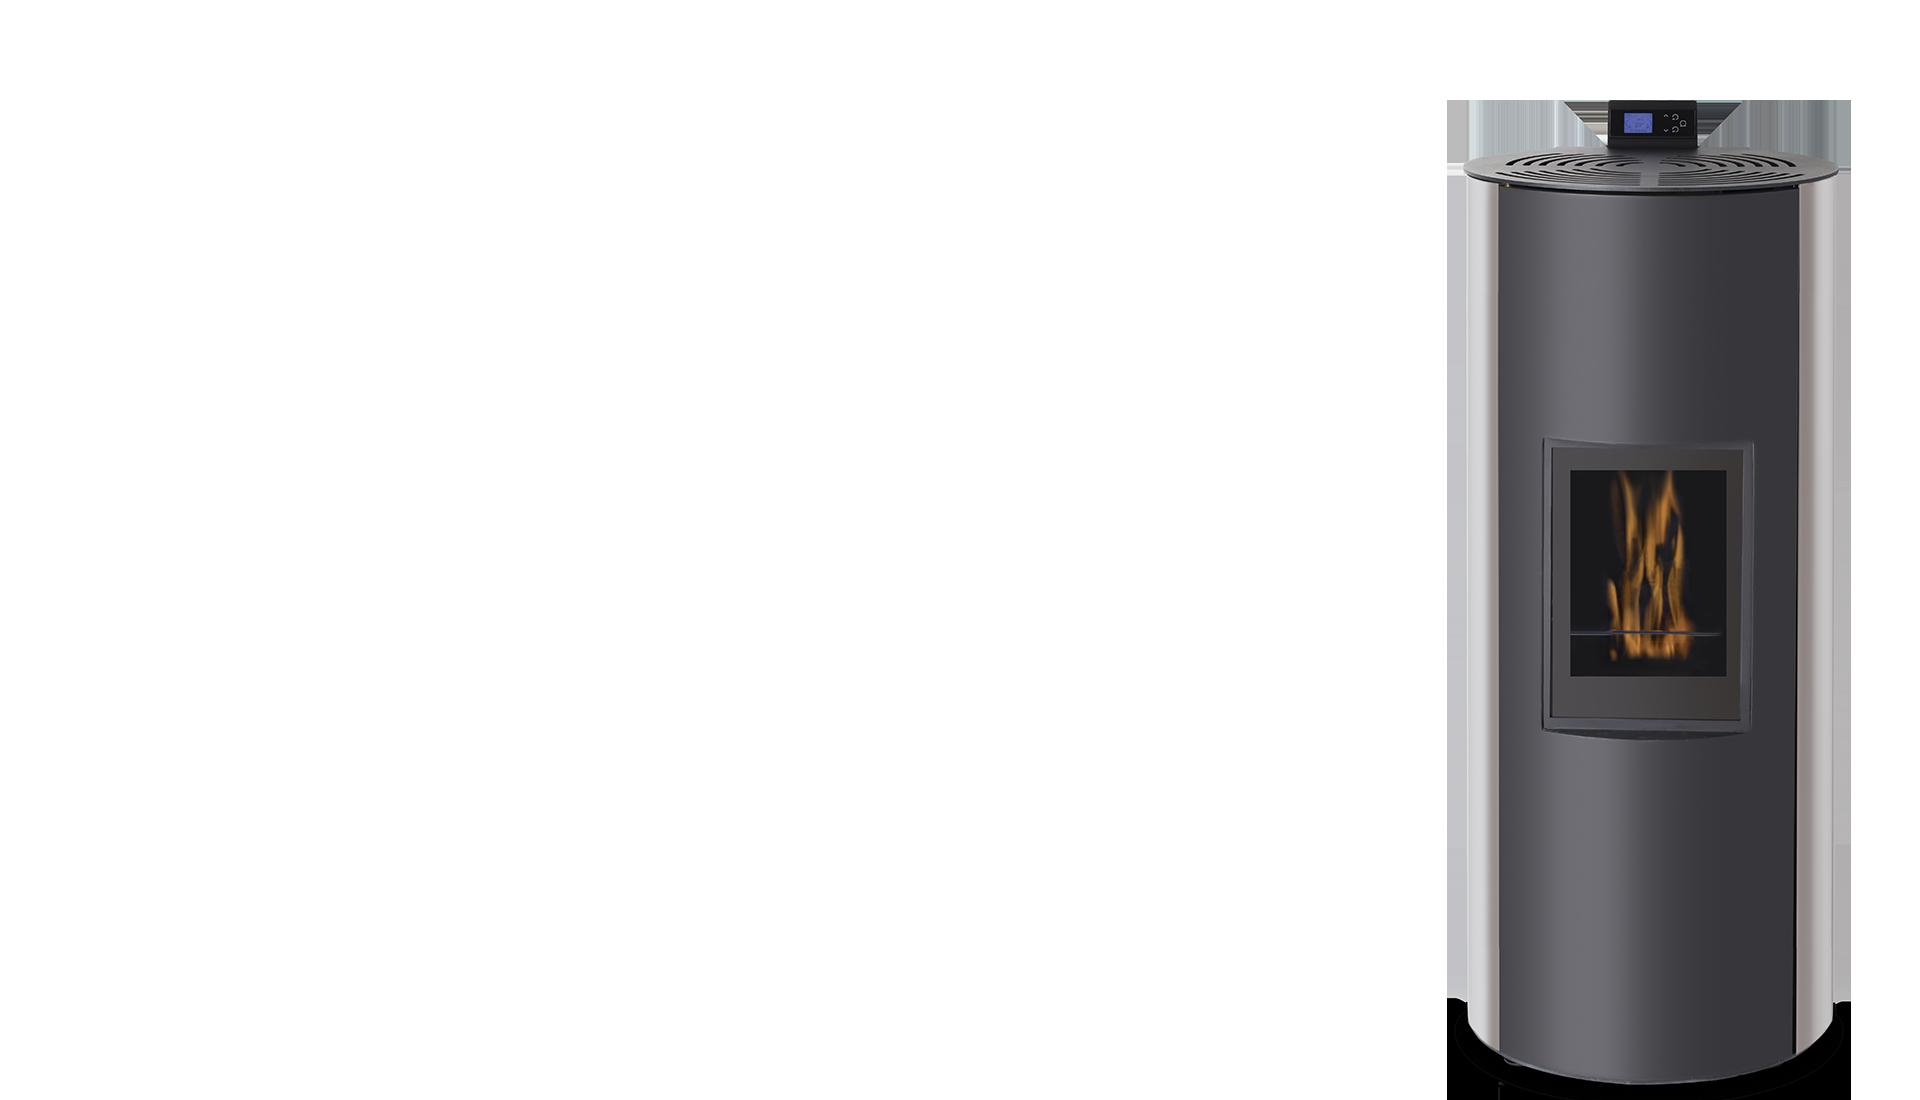 poele au biothanol affordable chemines ethanol tlcommandes et scurises nf afire foyers bio. Black Bedroom Furniture Sets. Home Design Ideas